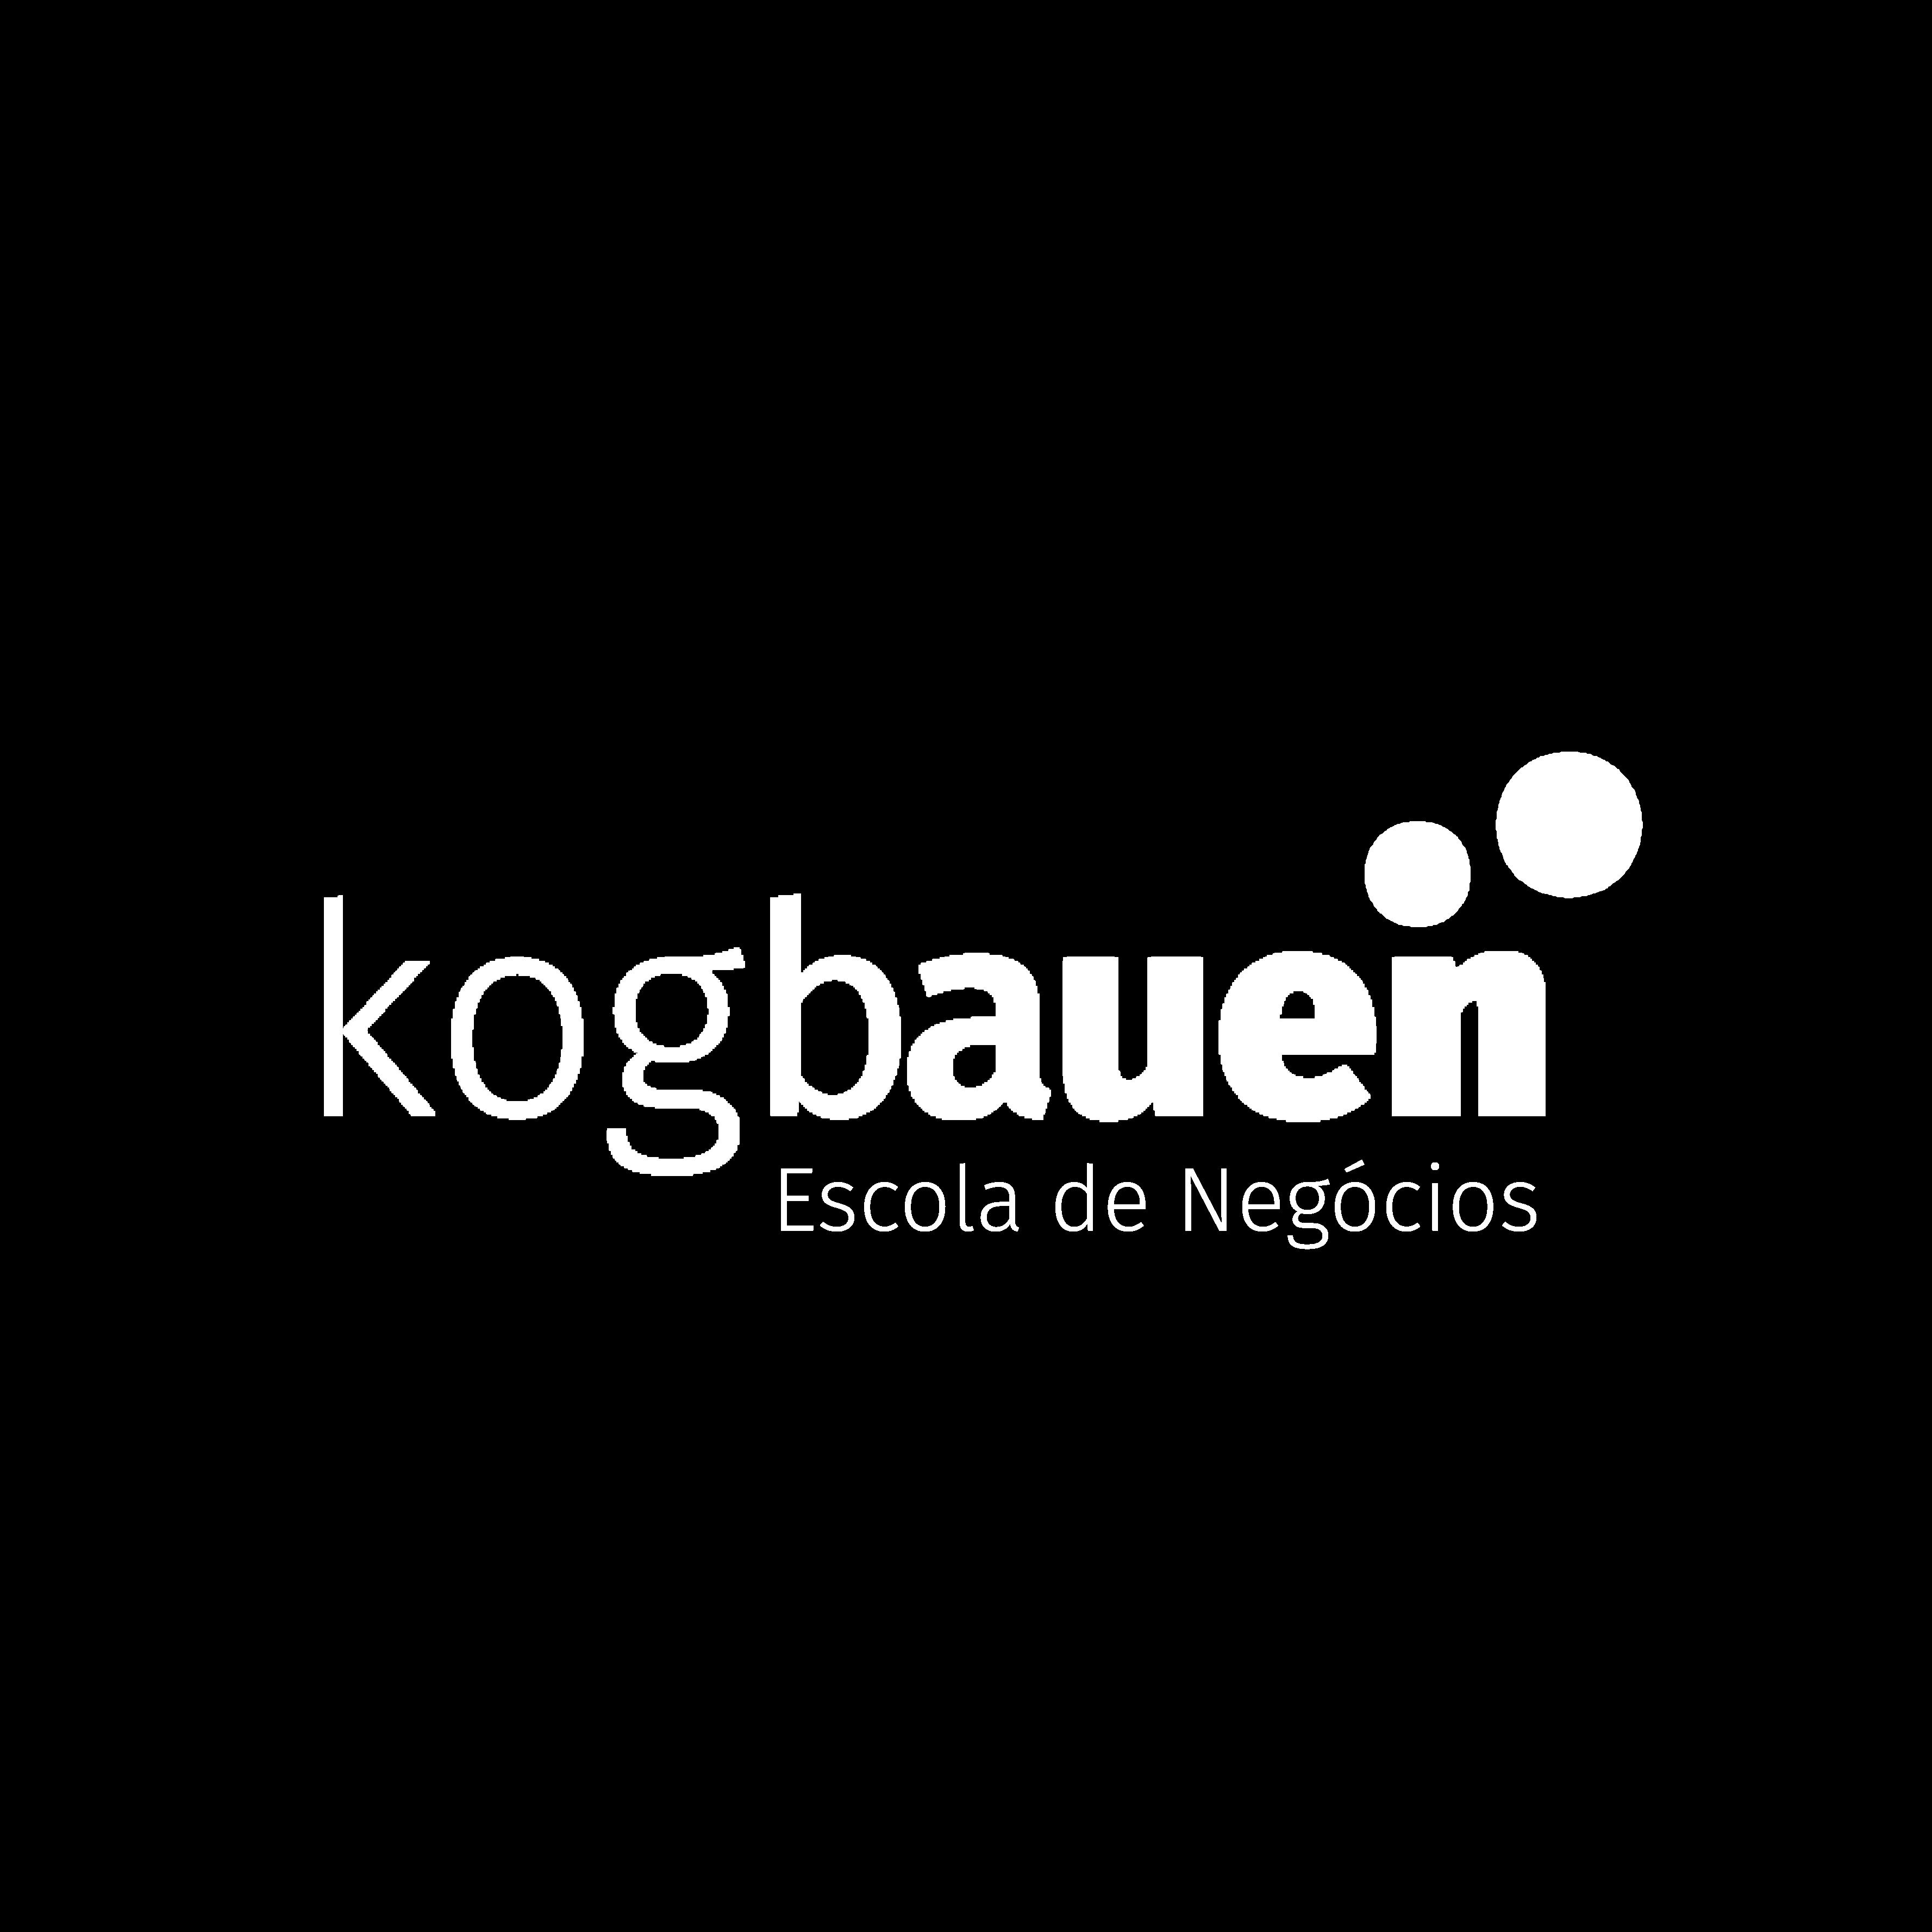 kogbaeun_escola